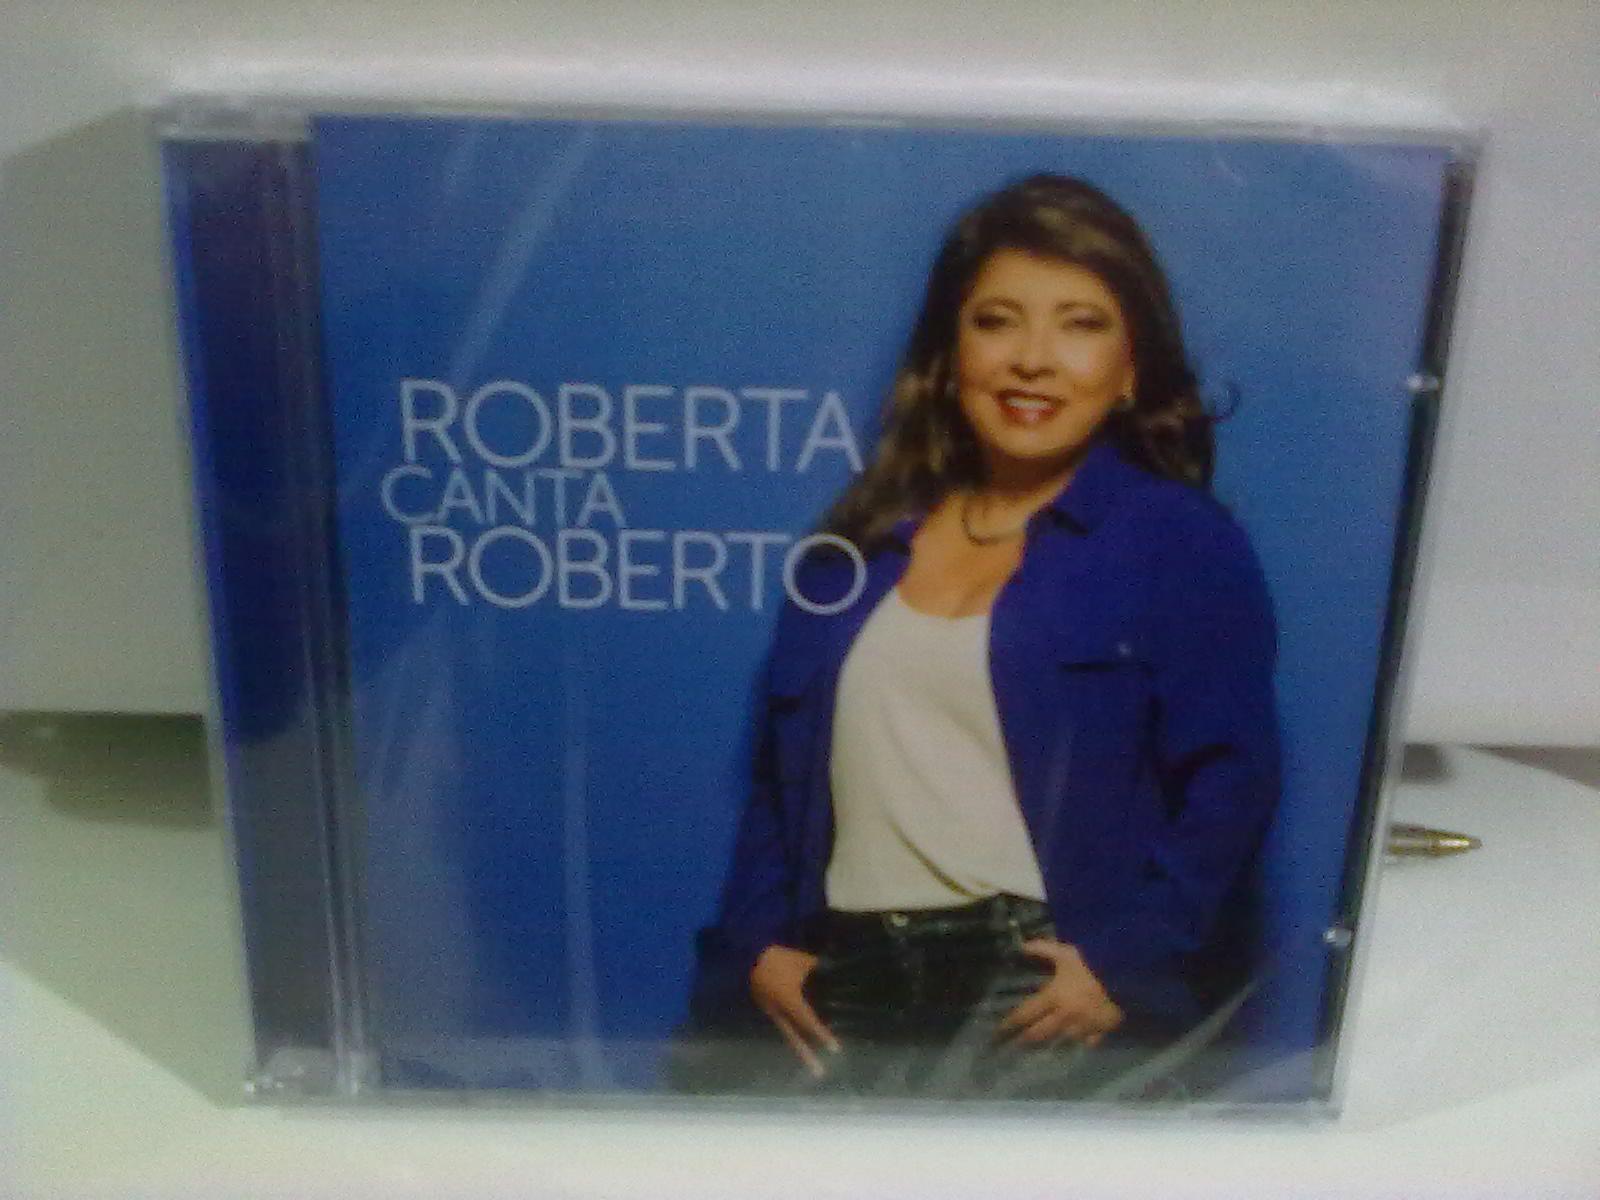 vendo cd #RobertacantaRoberto preço 34,99 #FOURHANGOUT